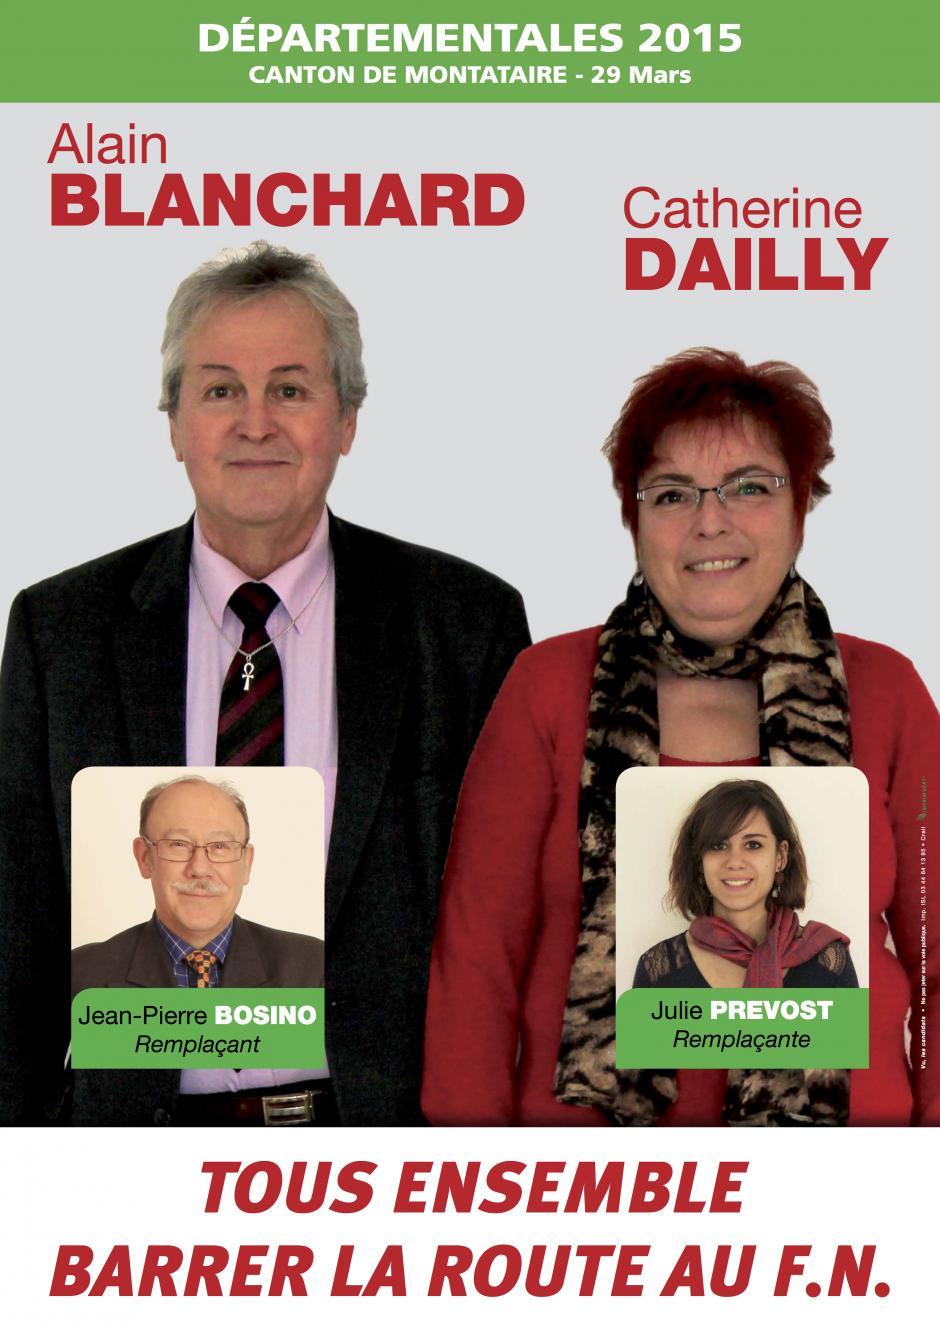 Alain Blanchard et Catherine Dailly : tous ensemble, barrer la route au FN dans le canton de Montataire